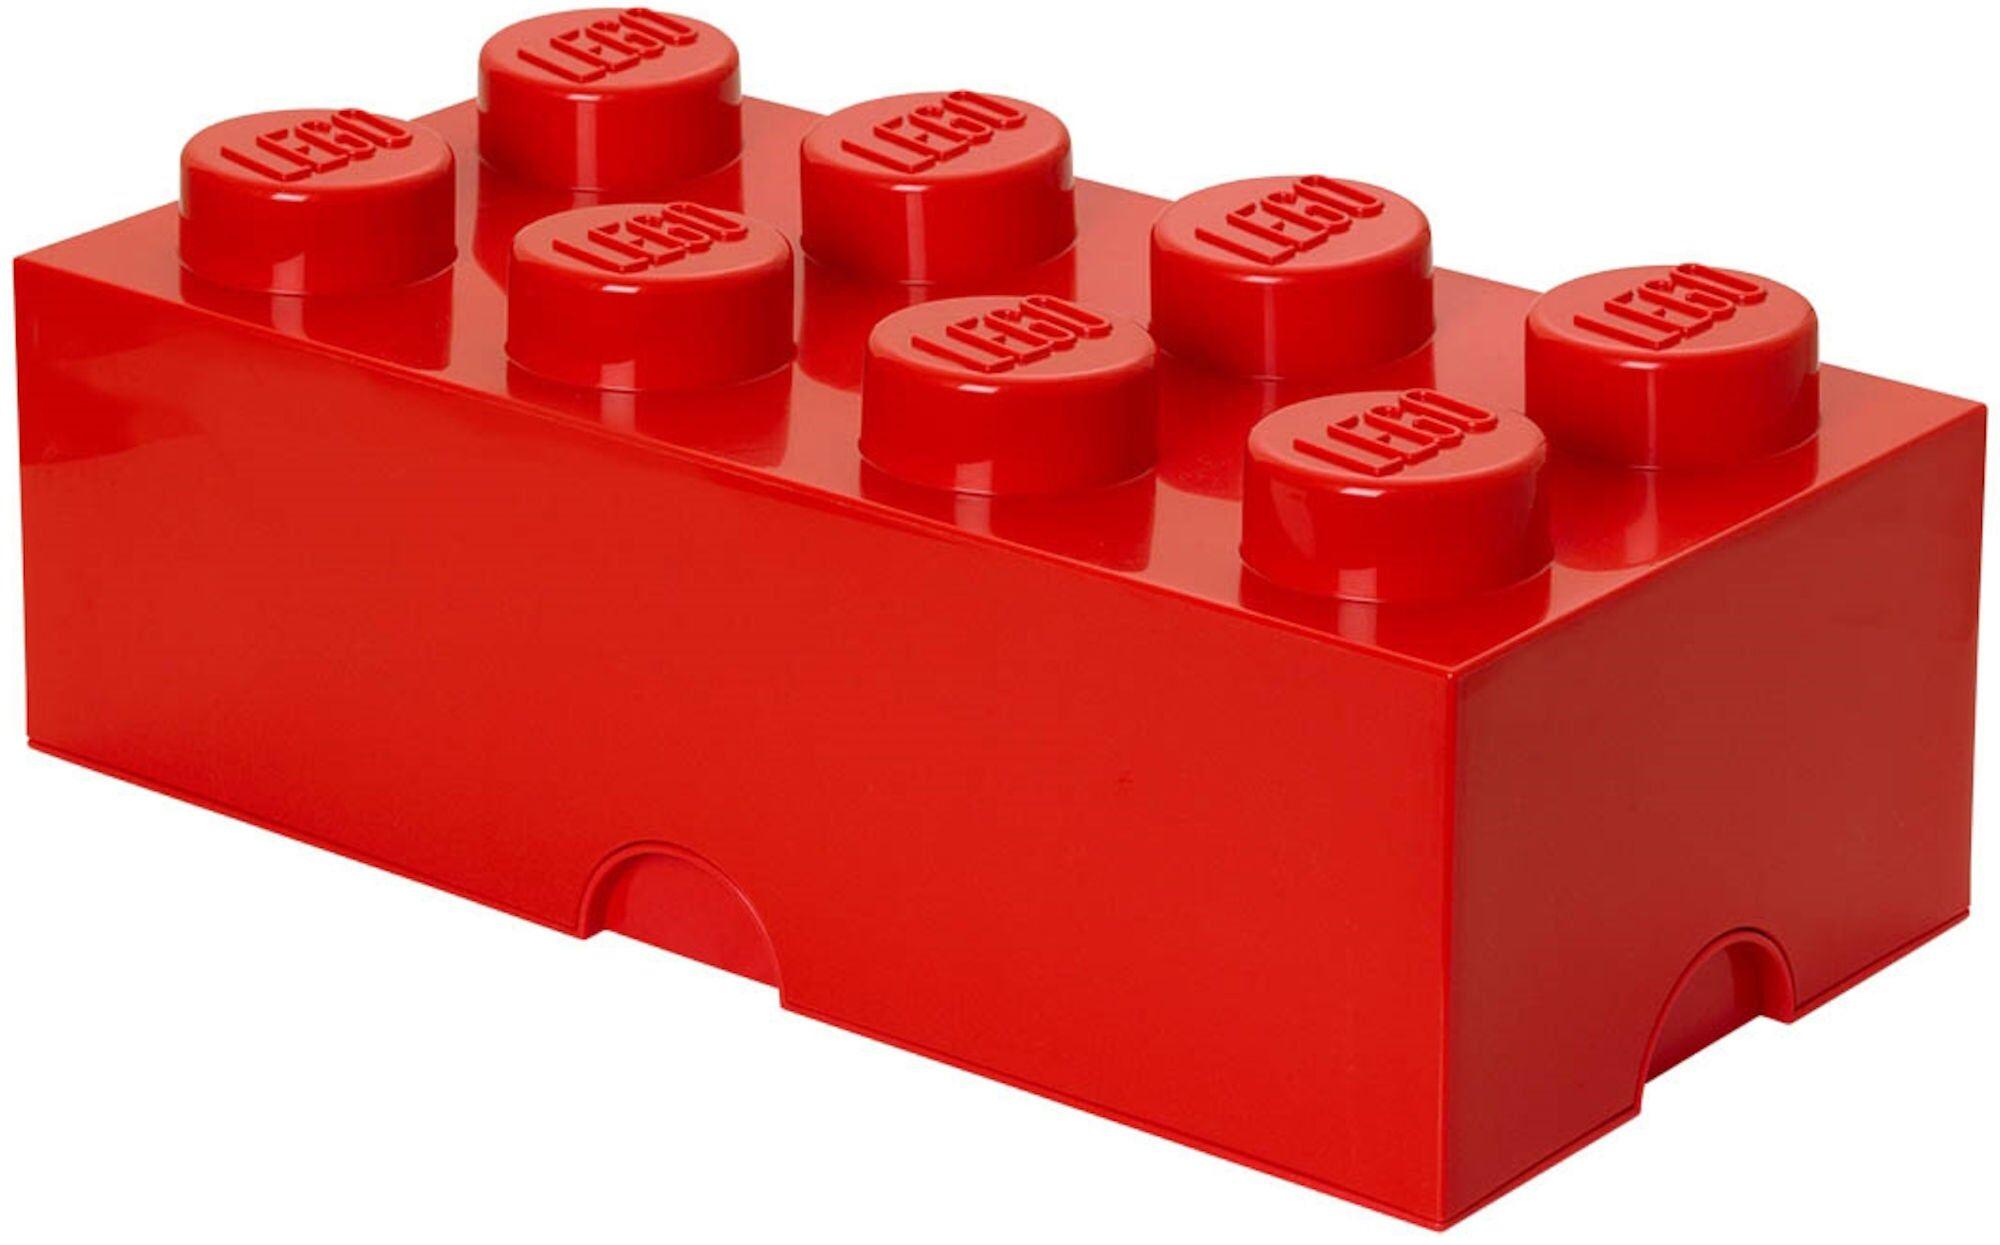 Lego Oppbevaring 8 Rød